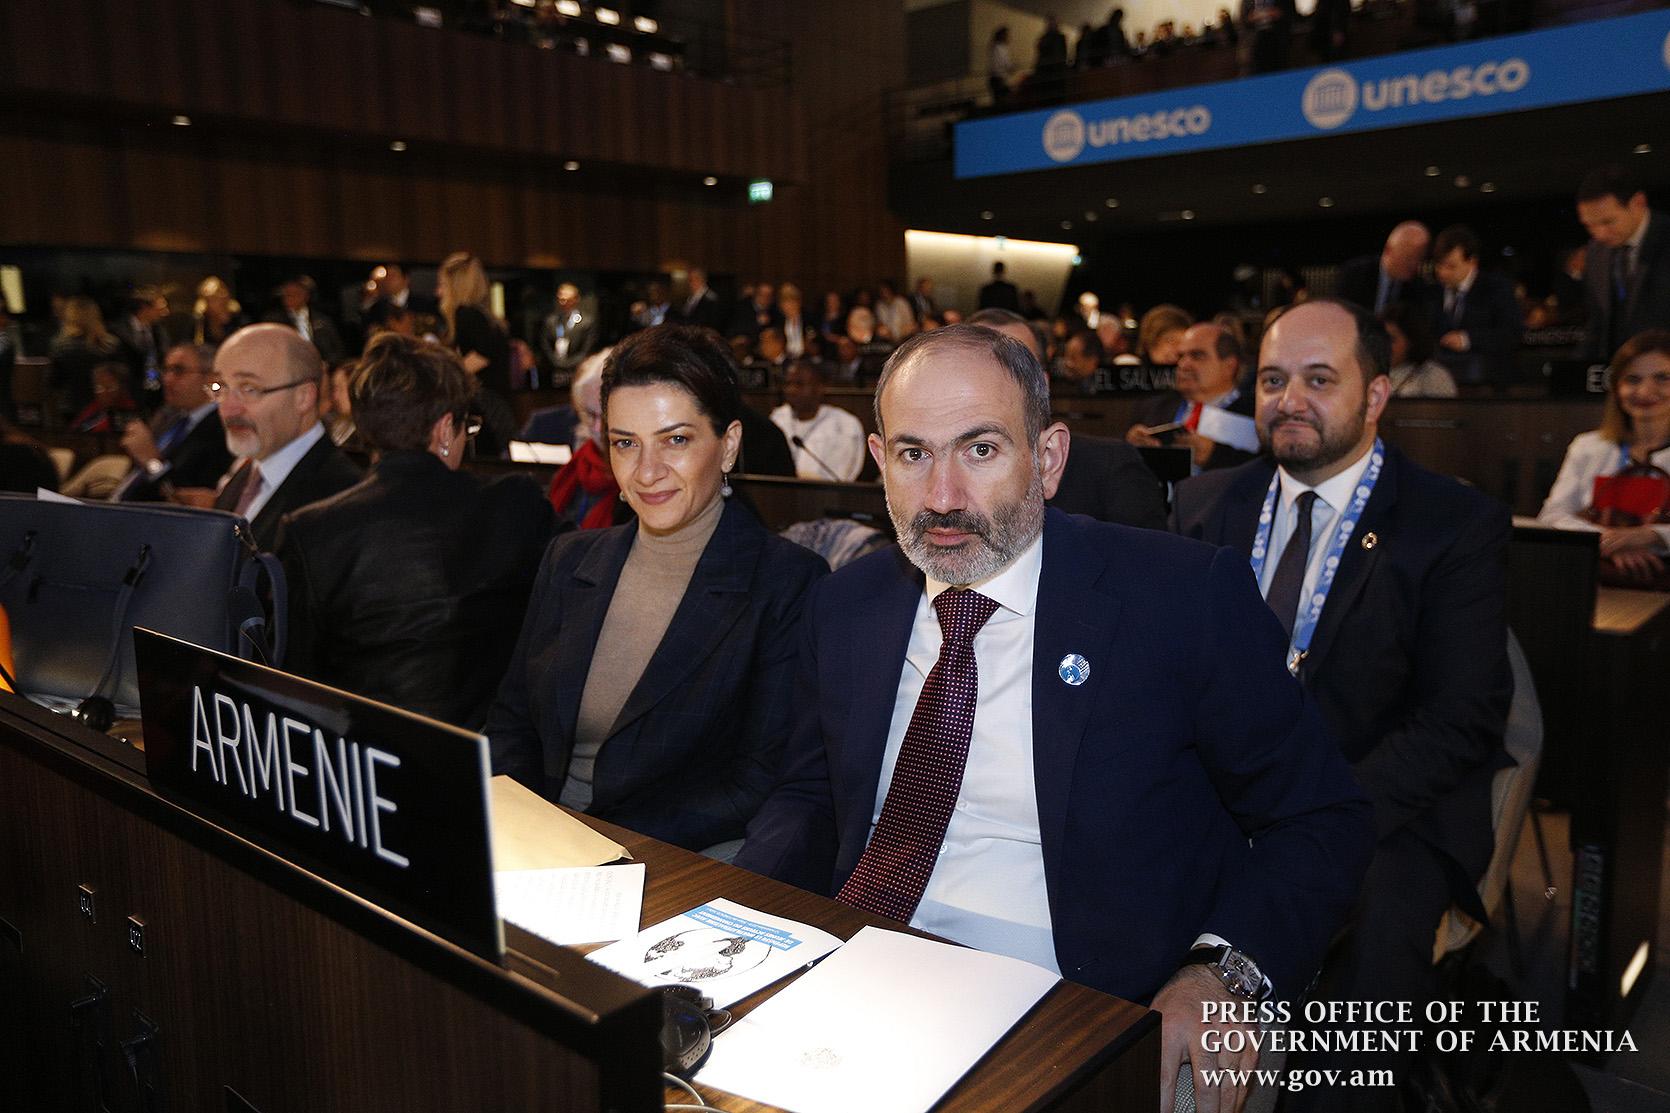 Նիկոլ Փաշինյանը և Աննա Հակոբյանը մասնակցել են ՅՈՒՆԵՍԿՕ-ի 40-րդ գլխավոր կոնֆերանսի աշխատանքներին